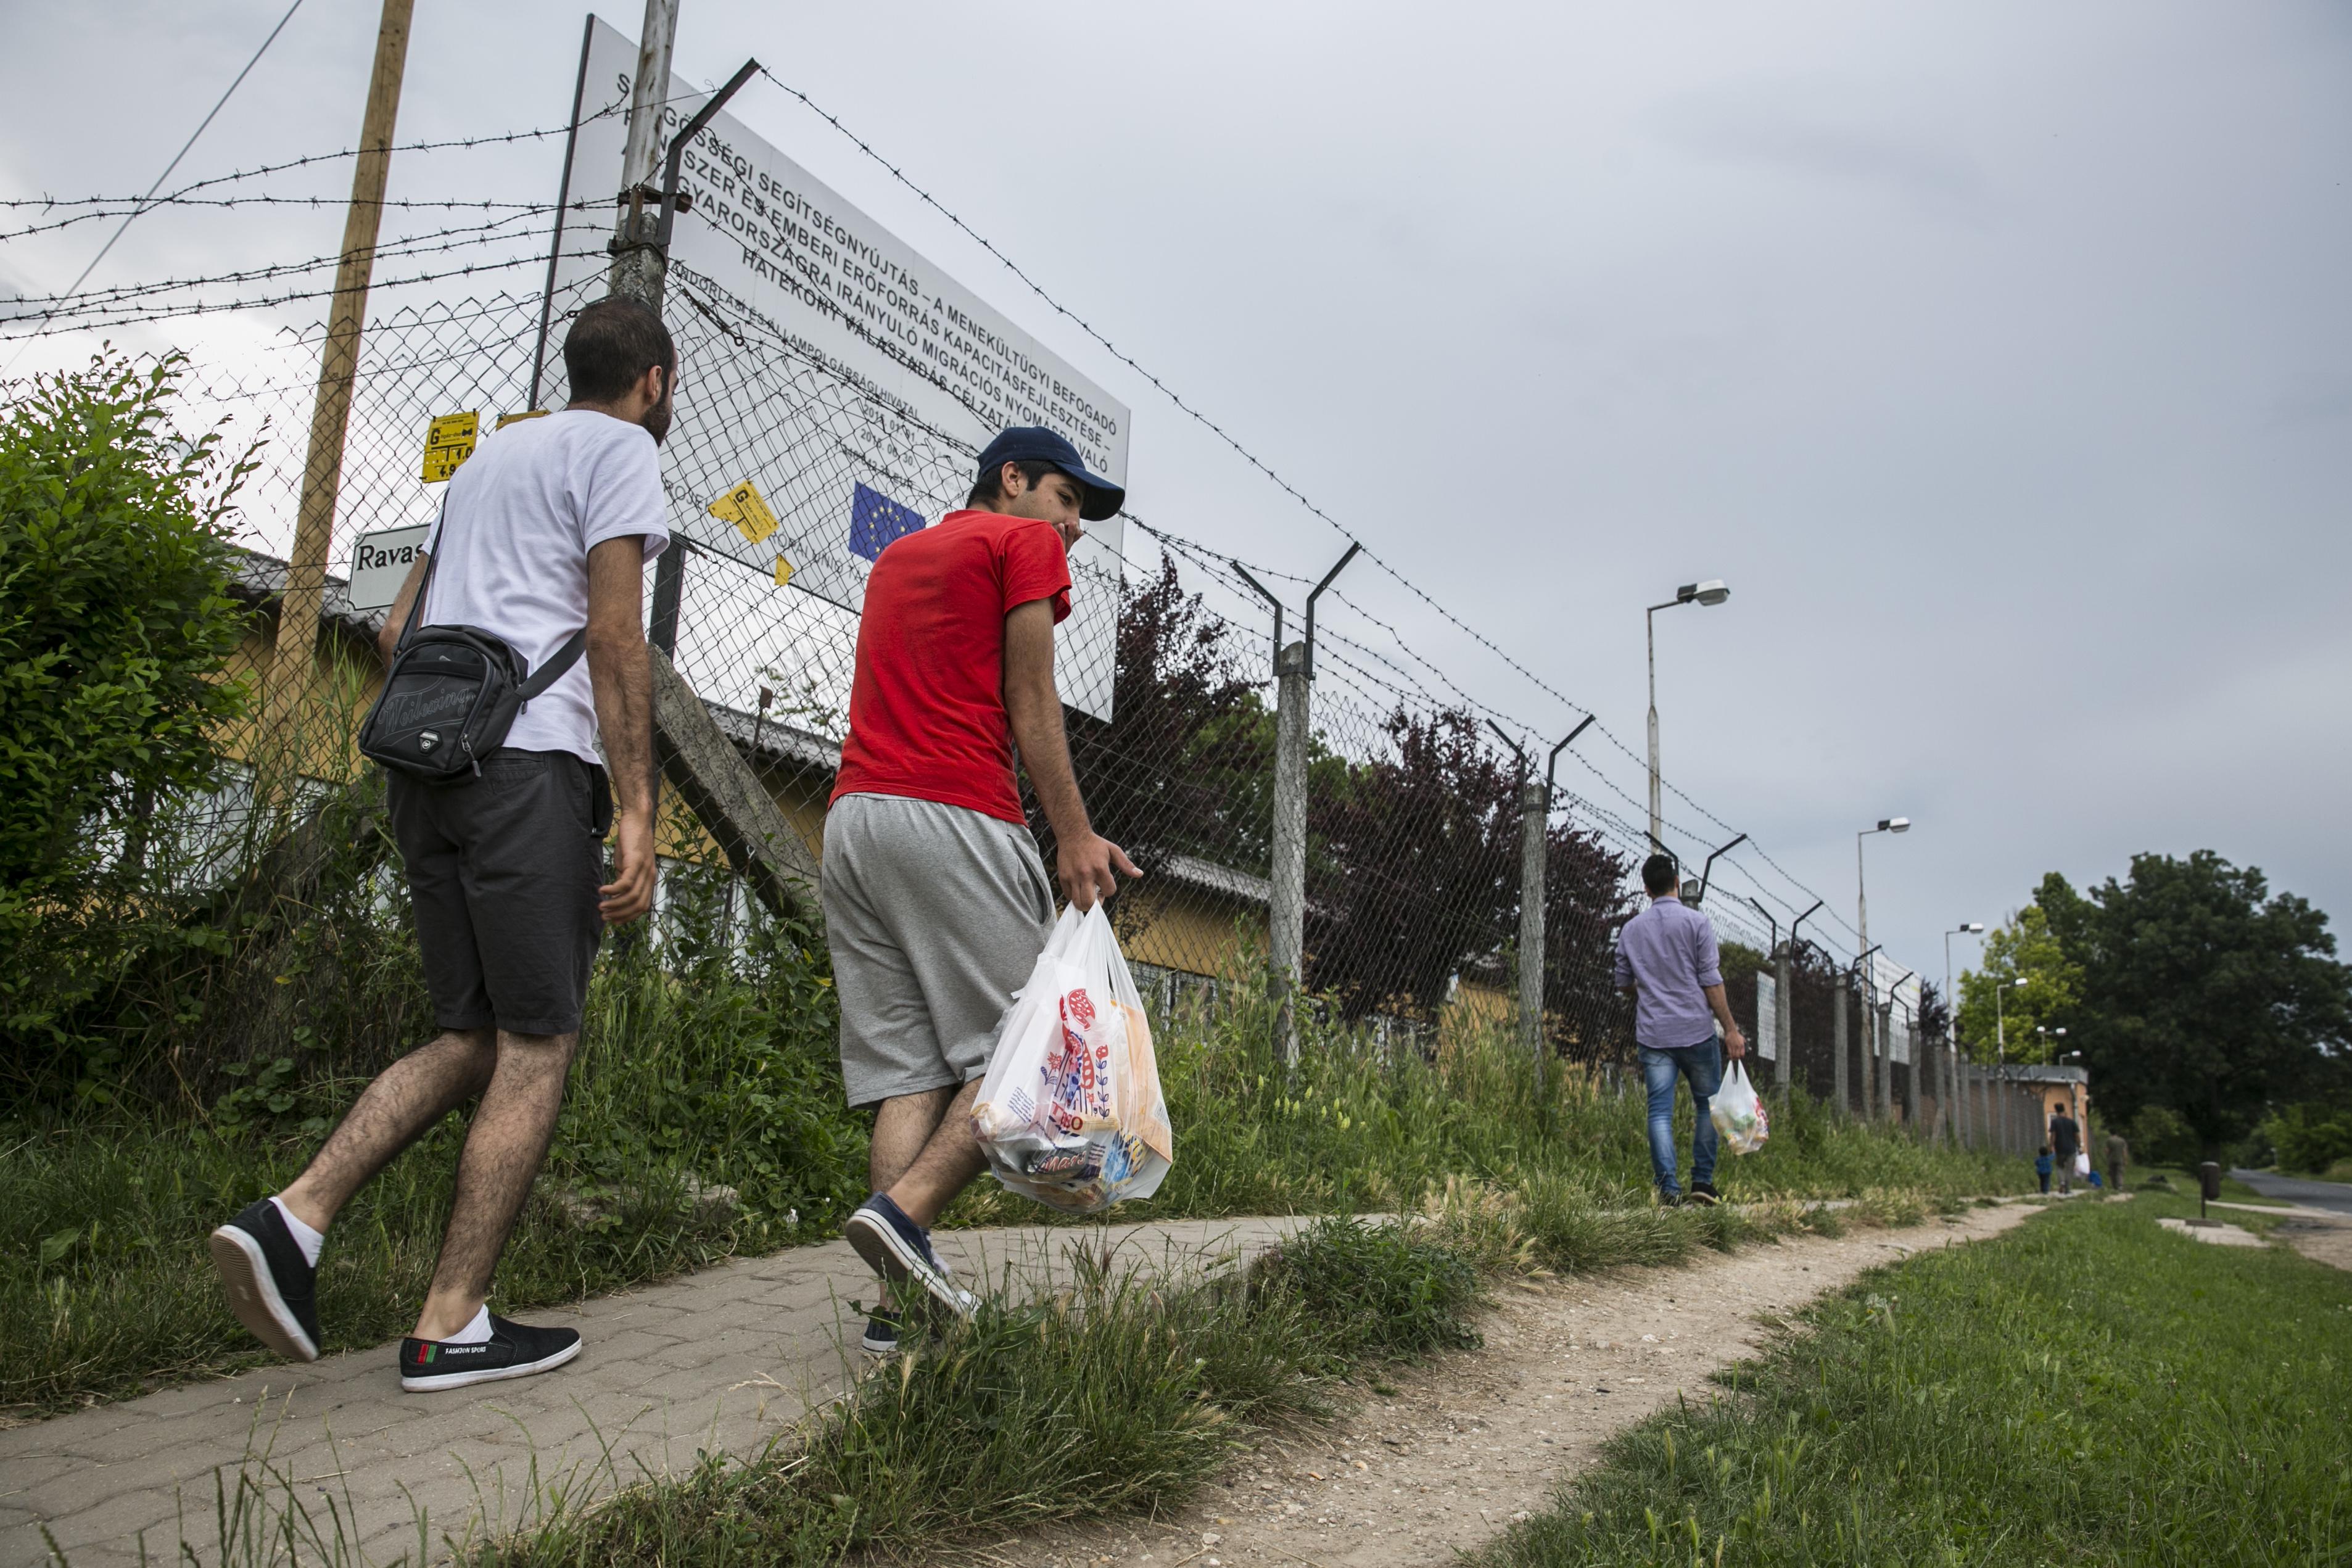 Rosszul áll a kvótaperben a magyar kormány